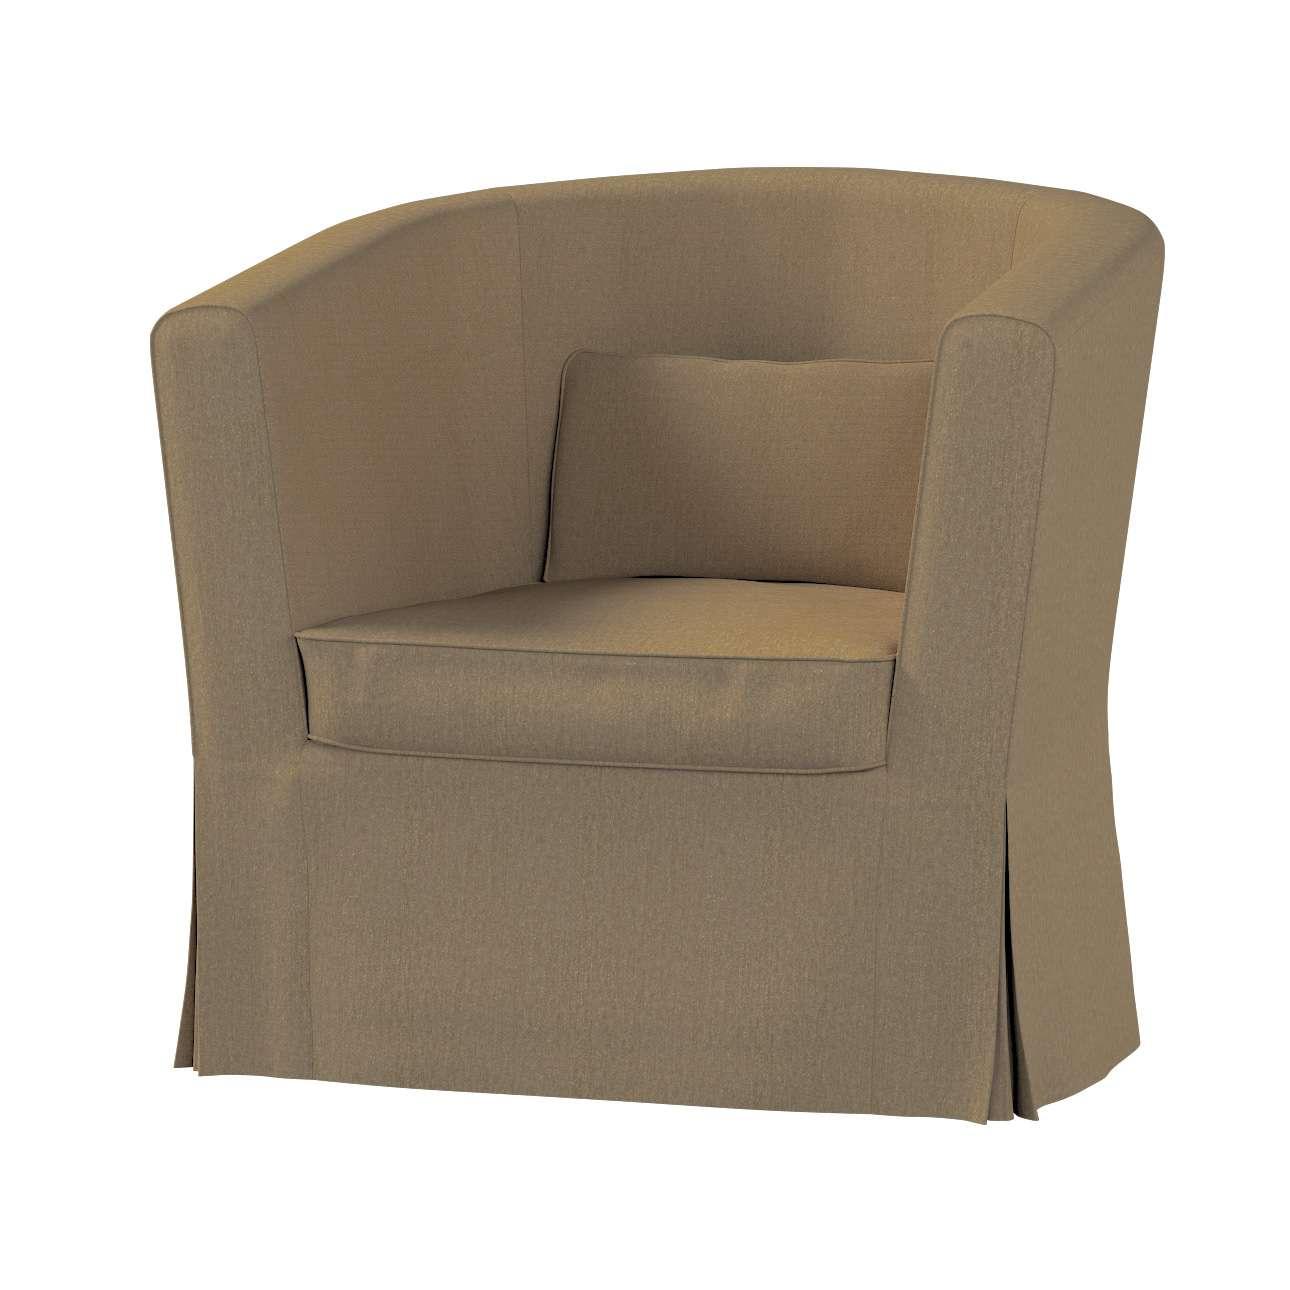 EKTORP TULLSTA fotelio užvalkalas Ektorp Tullsta fotelio užvalkalas kolekcijoje Chenille, audinys: 702-21